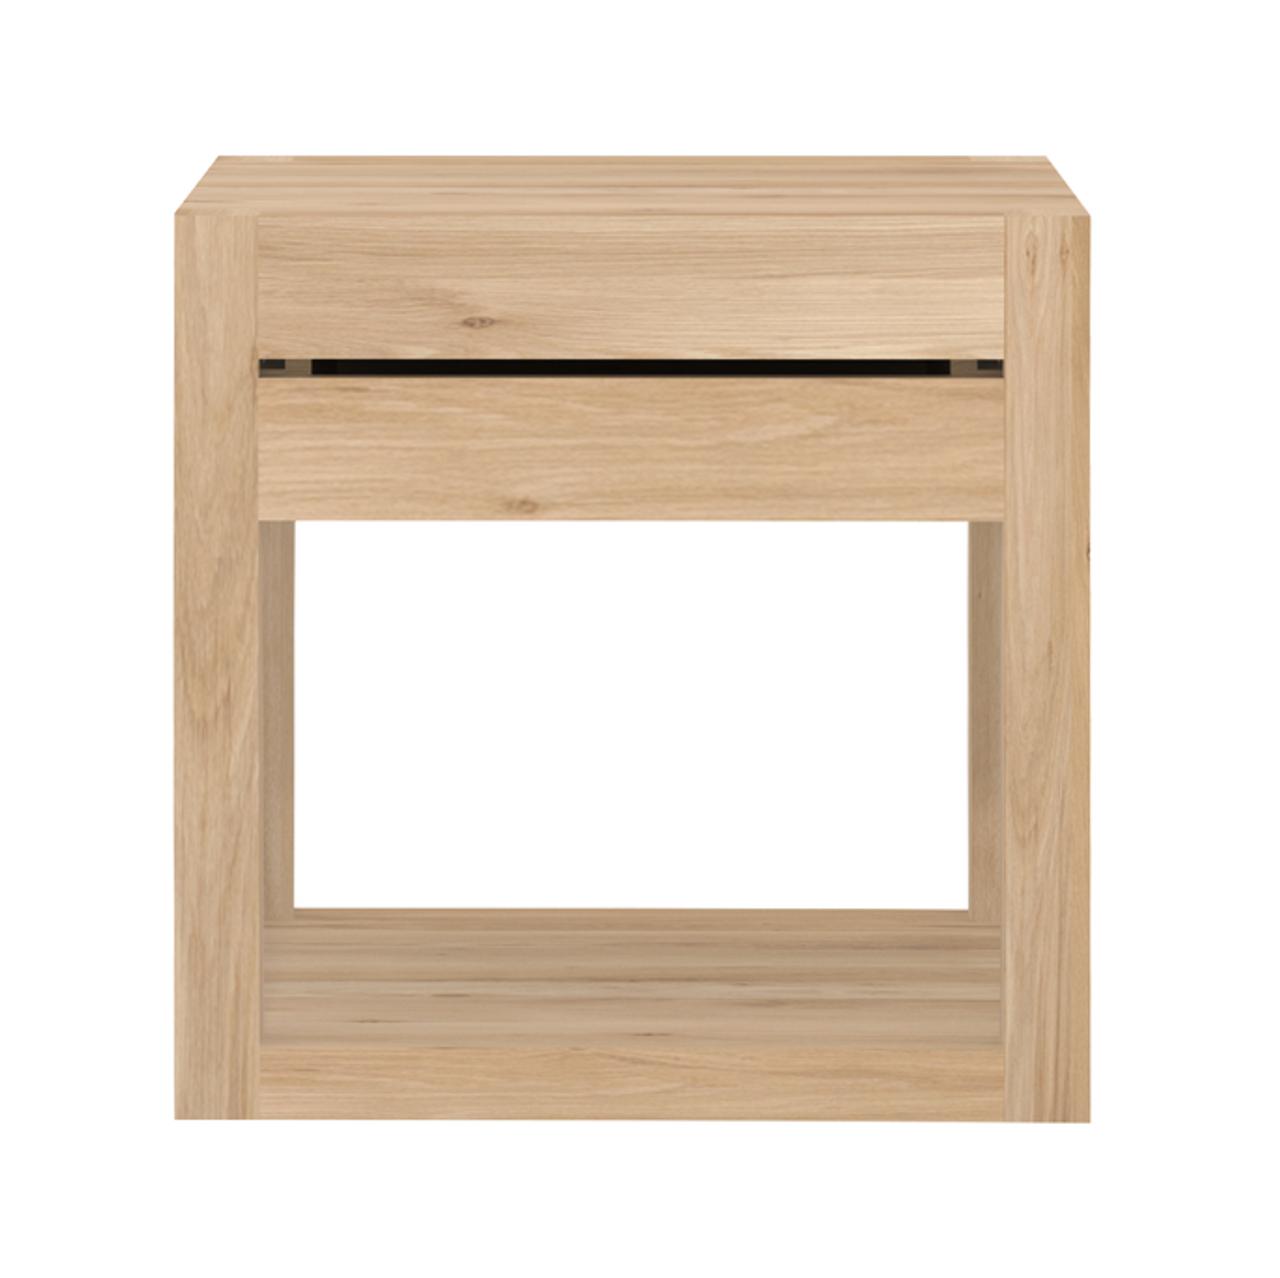 Oak Azure Bedside Table Modern Nightstand